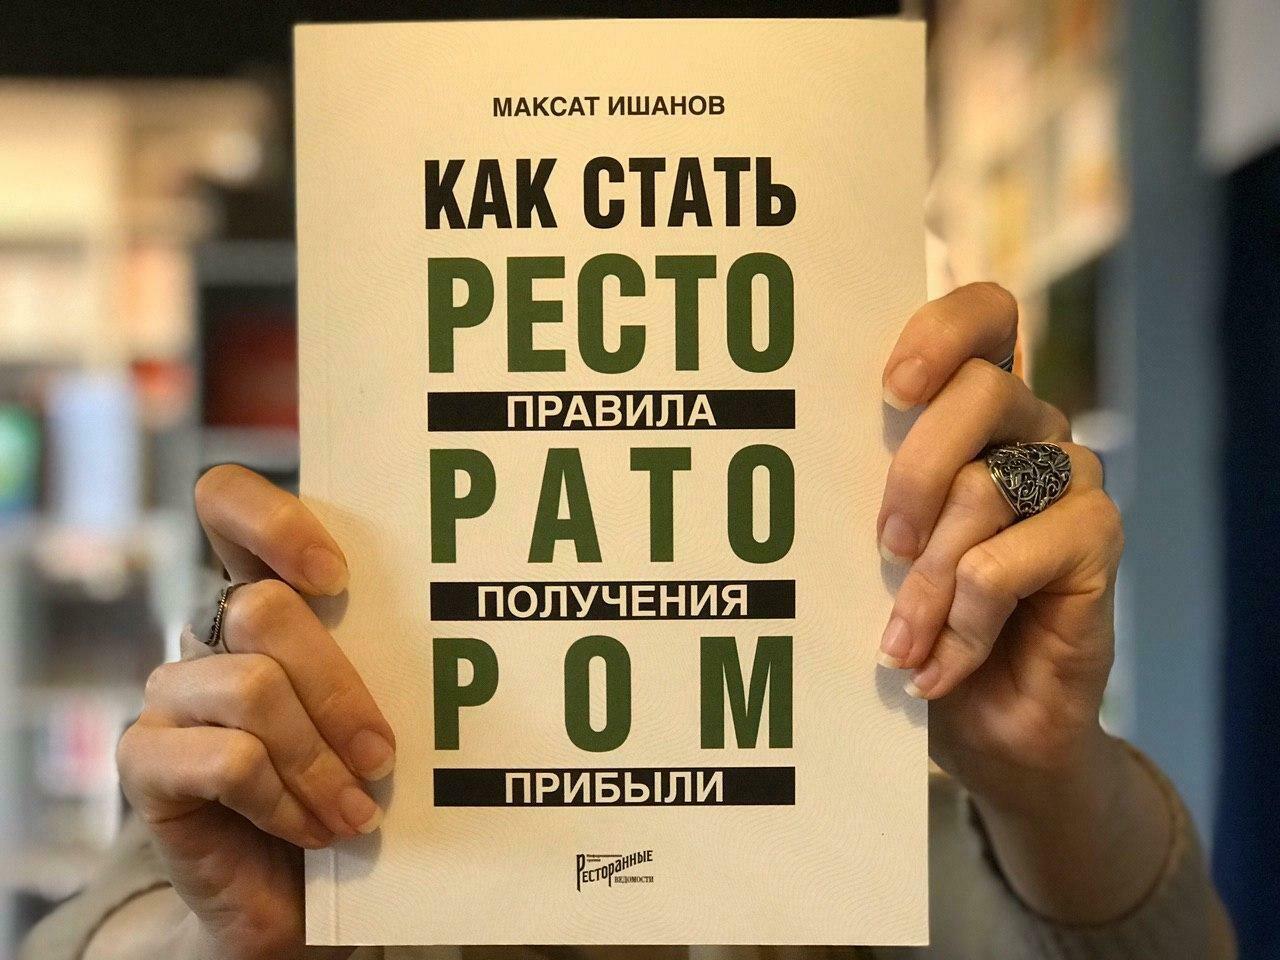 Как стать ресторатором: правила получения прибыли Ишанов М.